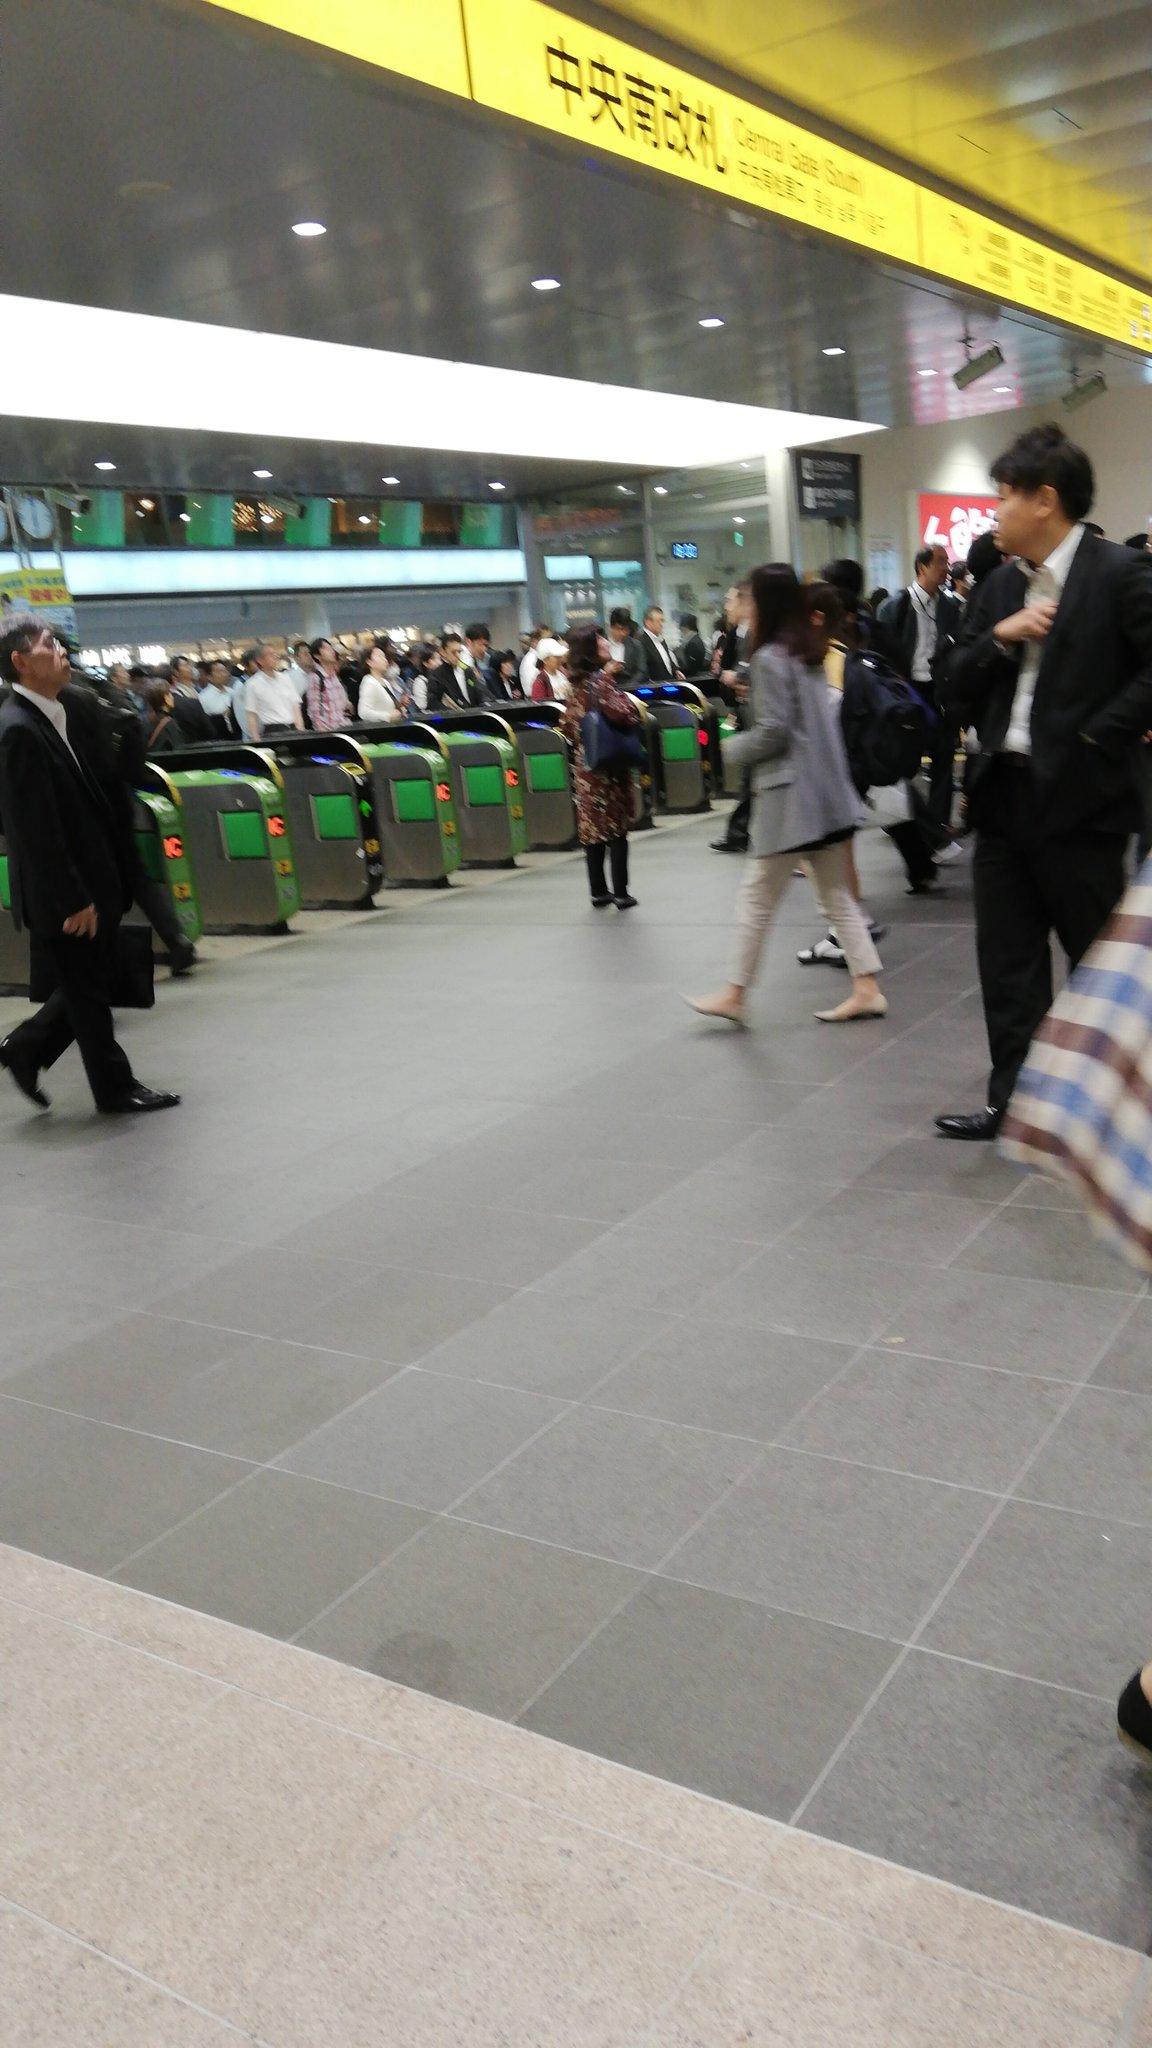 画像,川崎遊びに来ていざ帰ろうかと思ったら人身事故でクソ混んでる https://t.co/PXVZM7S8xn。